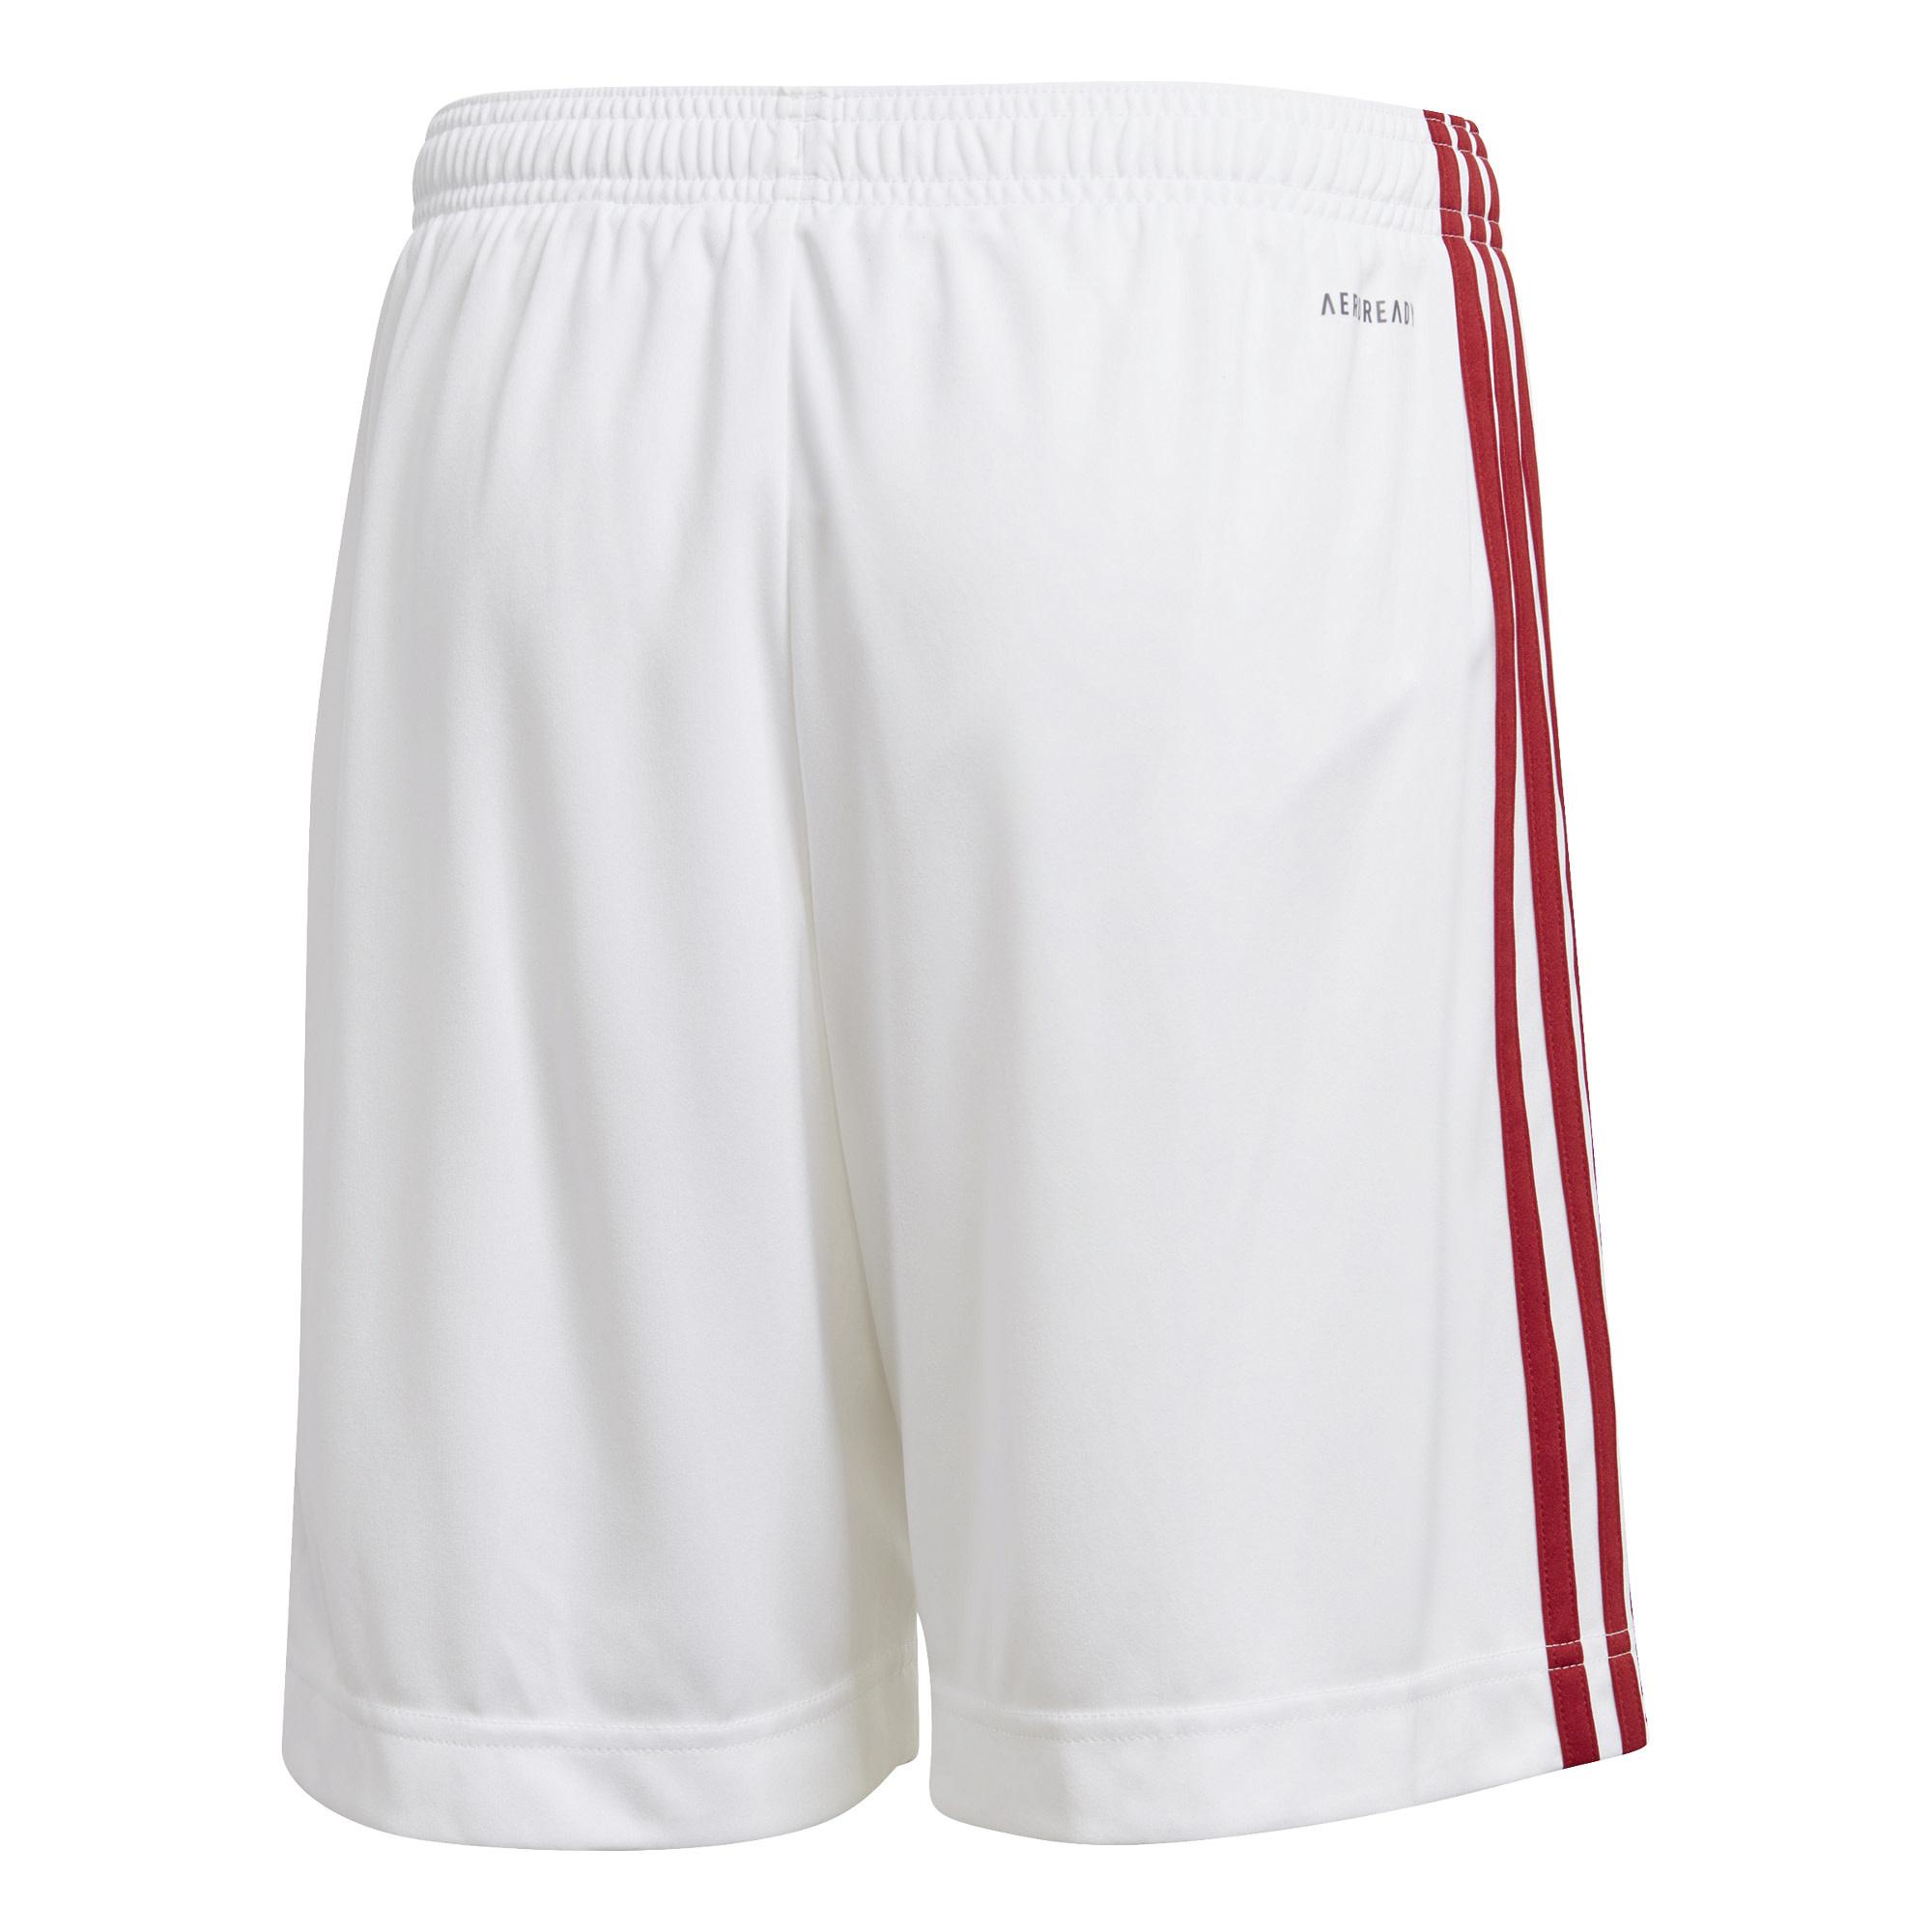 Adidas ADIDAS JR Arsenal Home Short '20-'21